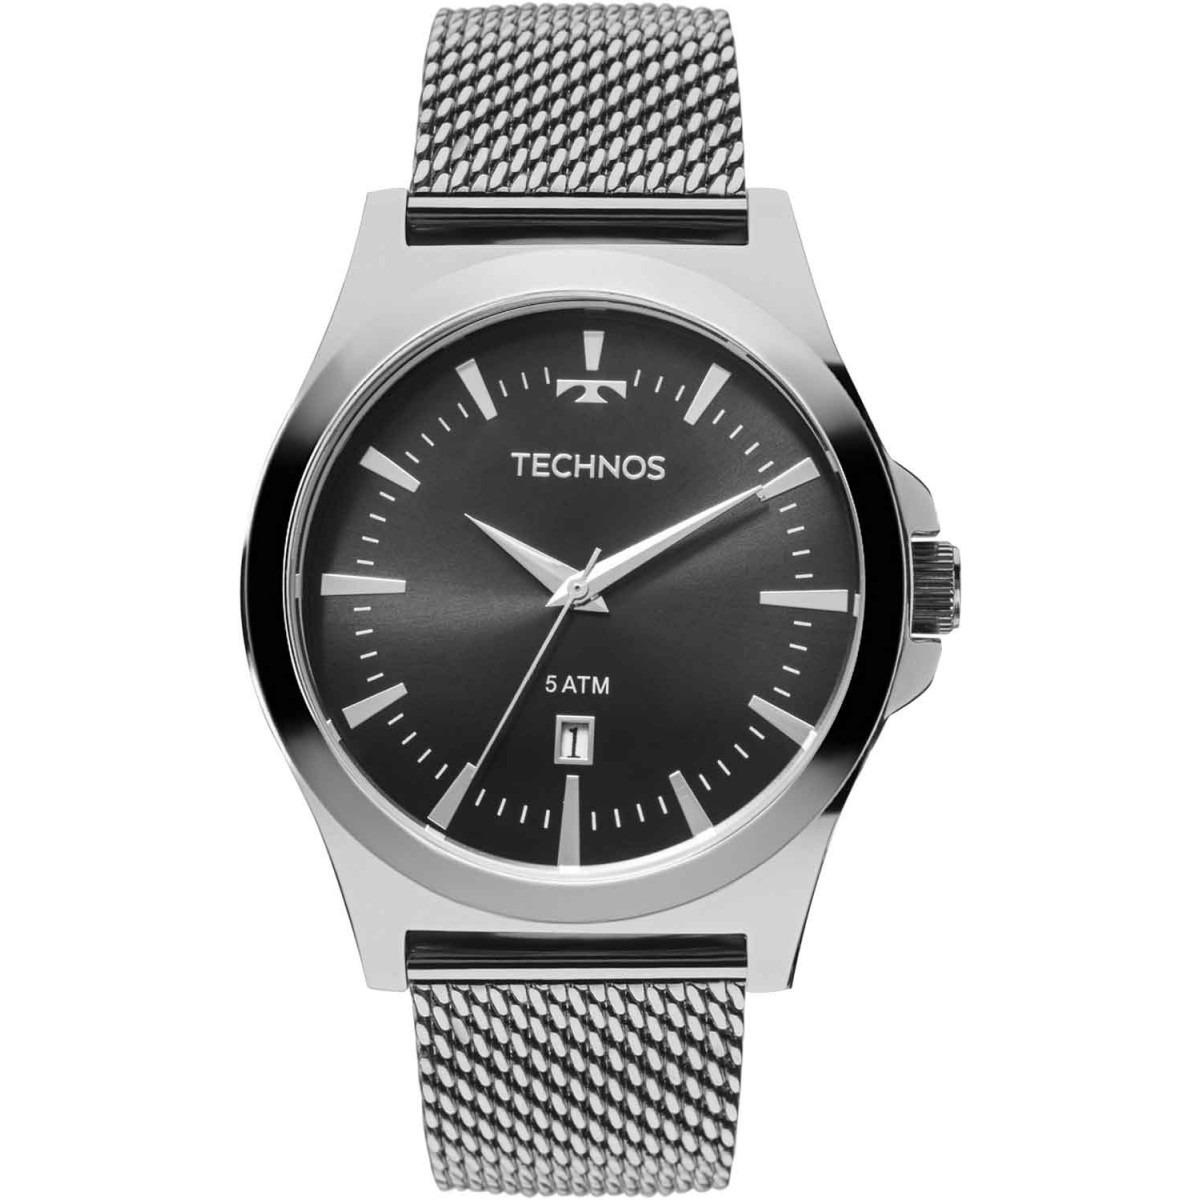 Relógio Technos Masculino Classic Steel Analógico 2115lal 0p - R ... caa130e3f5